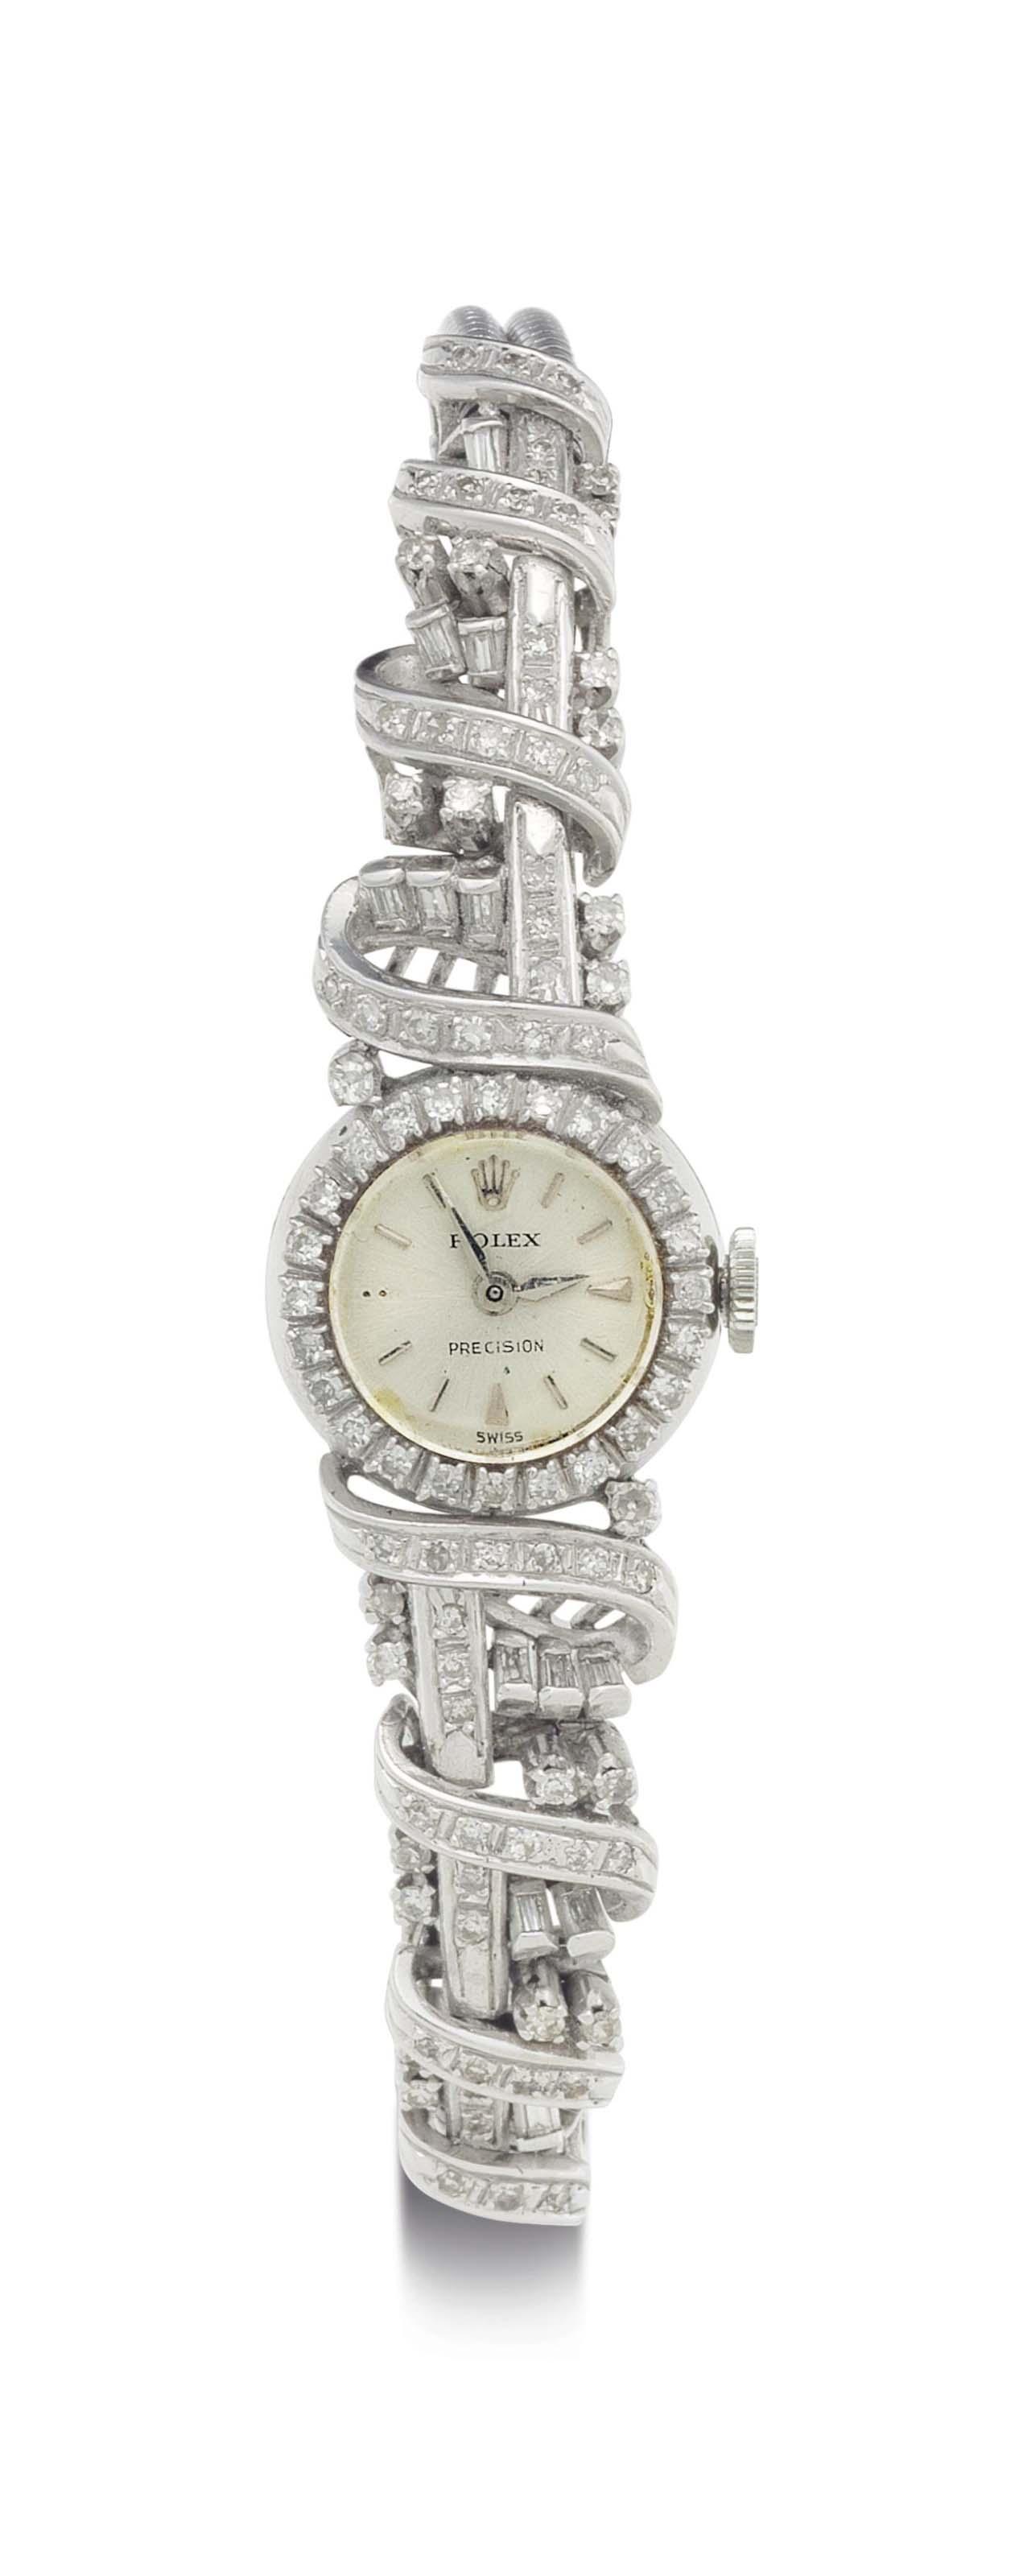 Rolex. A Lady's 18k White Gold and Diamond-Set Bracelet Watch